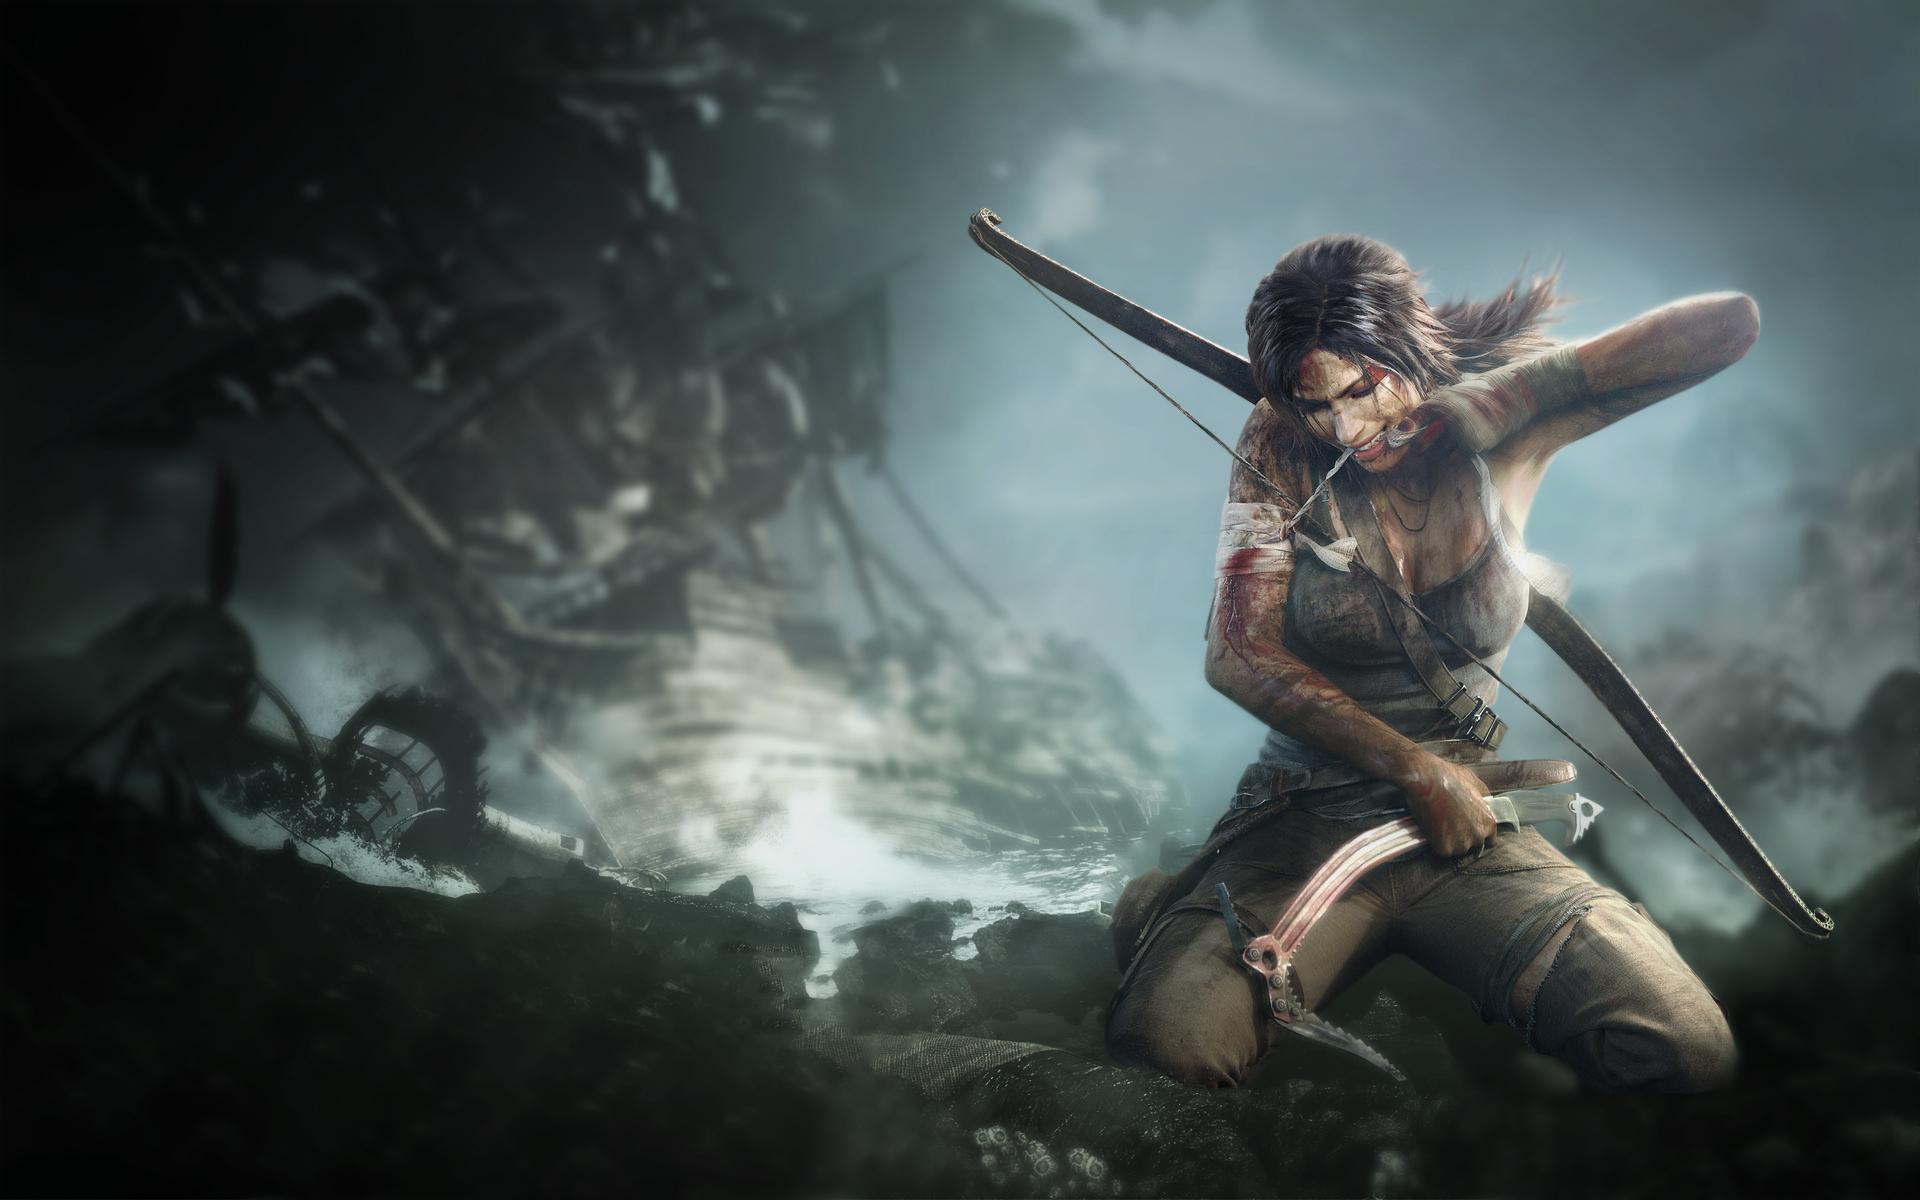 Free Download Tomb Raider 2013 Lara Croft 4k Hd Wallpaper